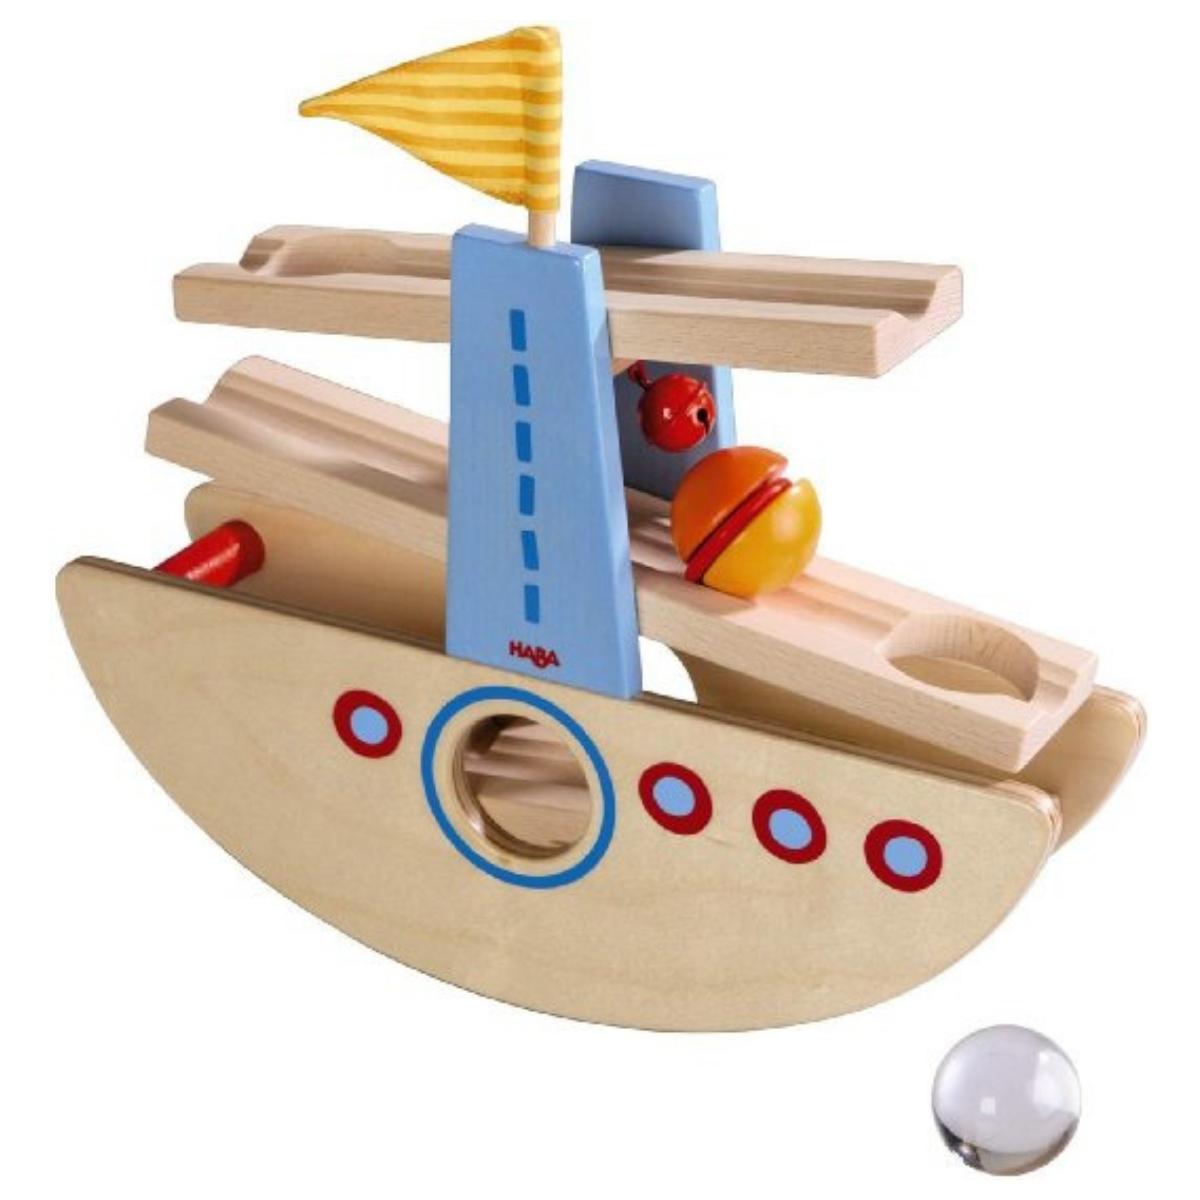 対象年齢:1歳半〜 プレゼント ボールトラック HABA 6643 40ミリ基尺 はじめてのクーゲルバーン・シップ 【ラッピング無料】 子供